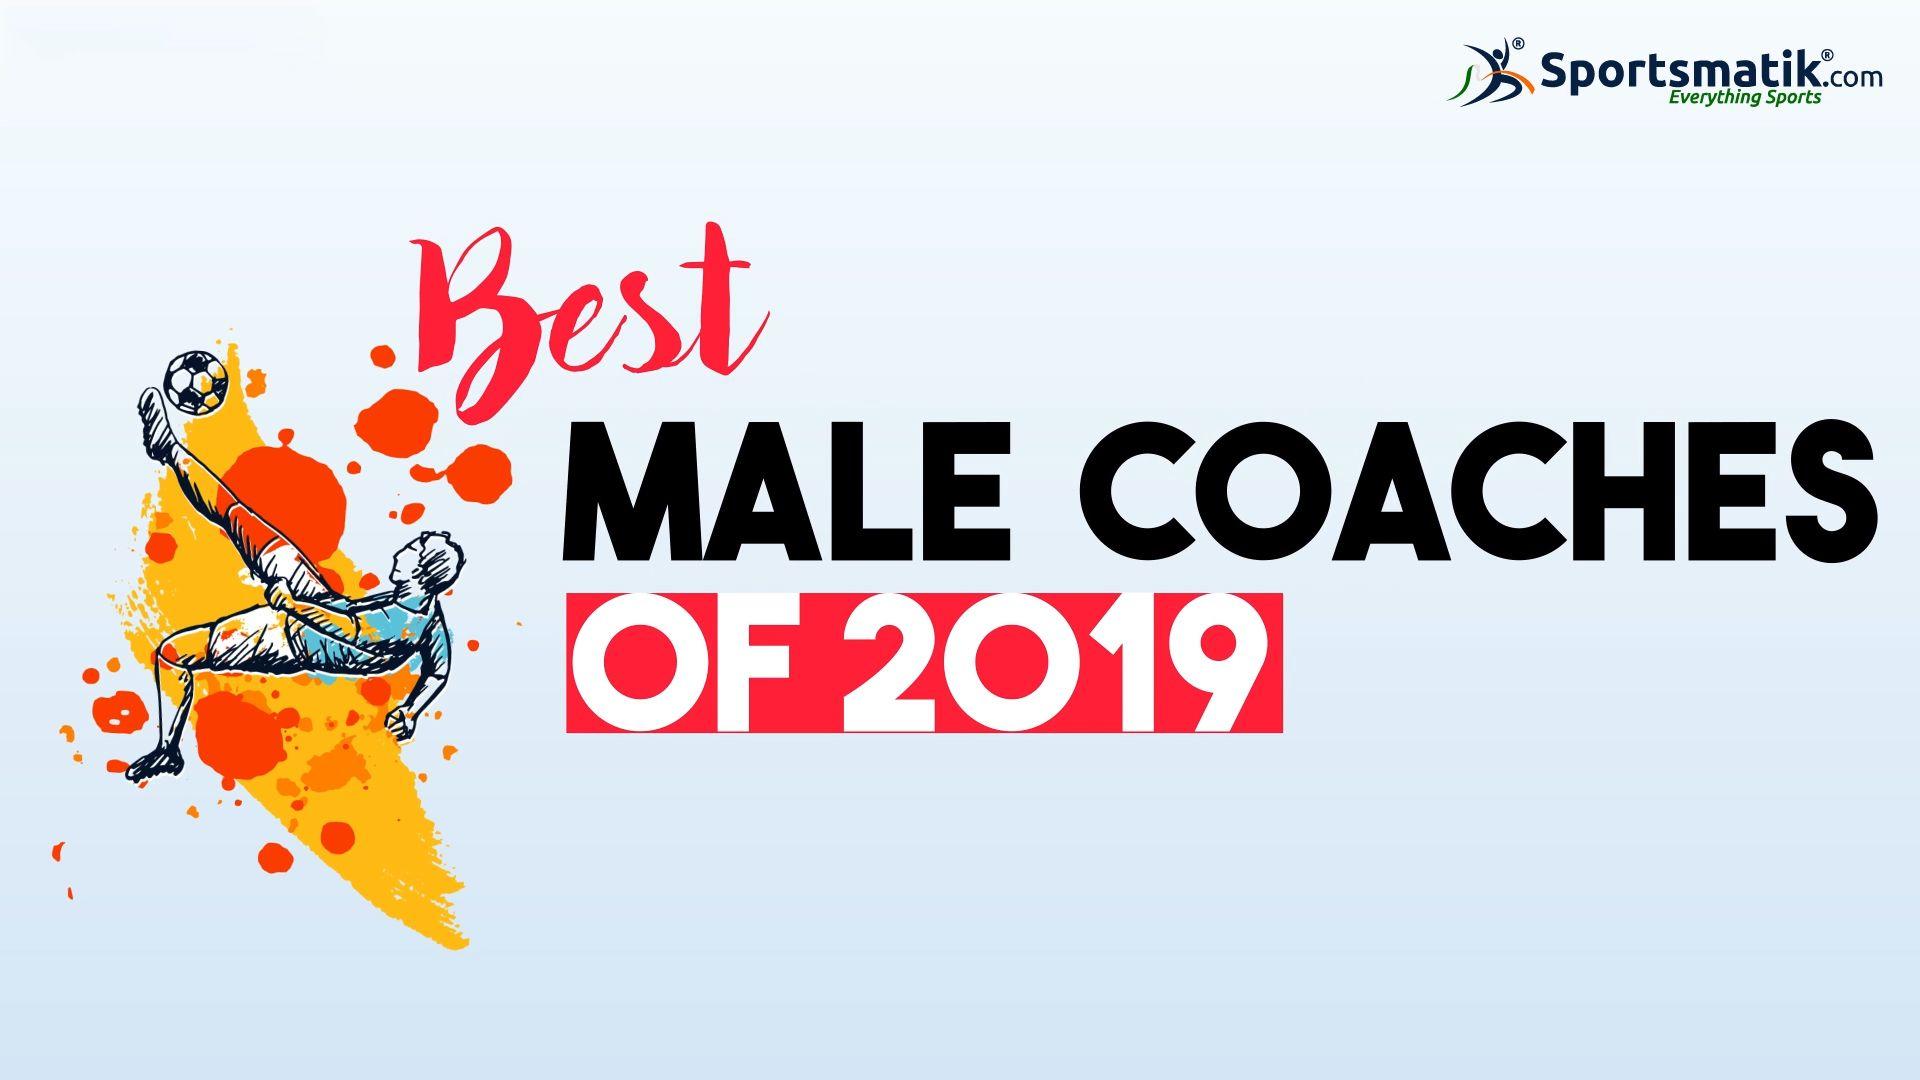 Top 10 Men S Football Coaches Of 2019 Football Coach Rankings Best Football Coaches In 2020 Football Coach Coaching Coach